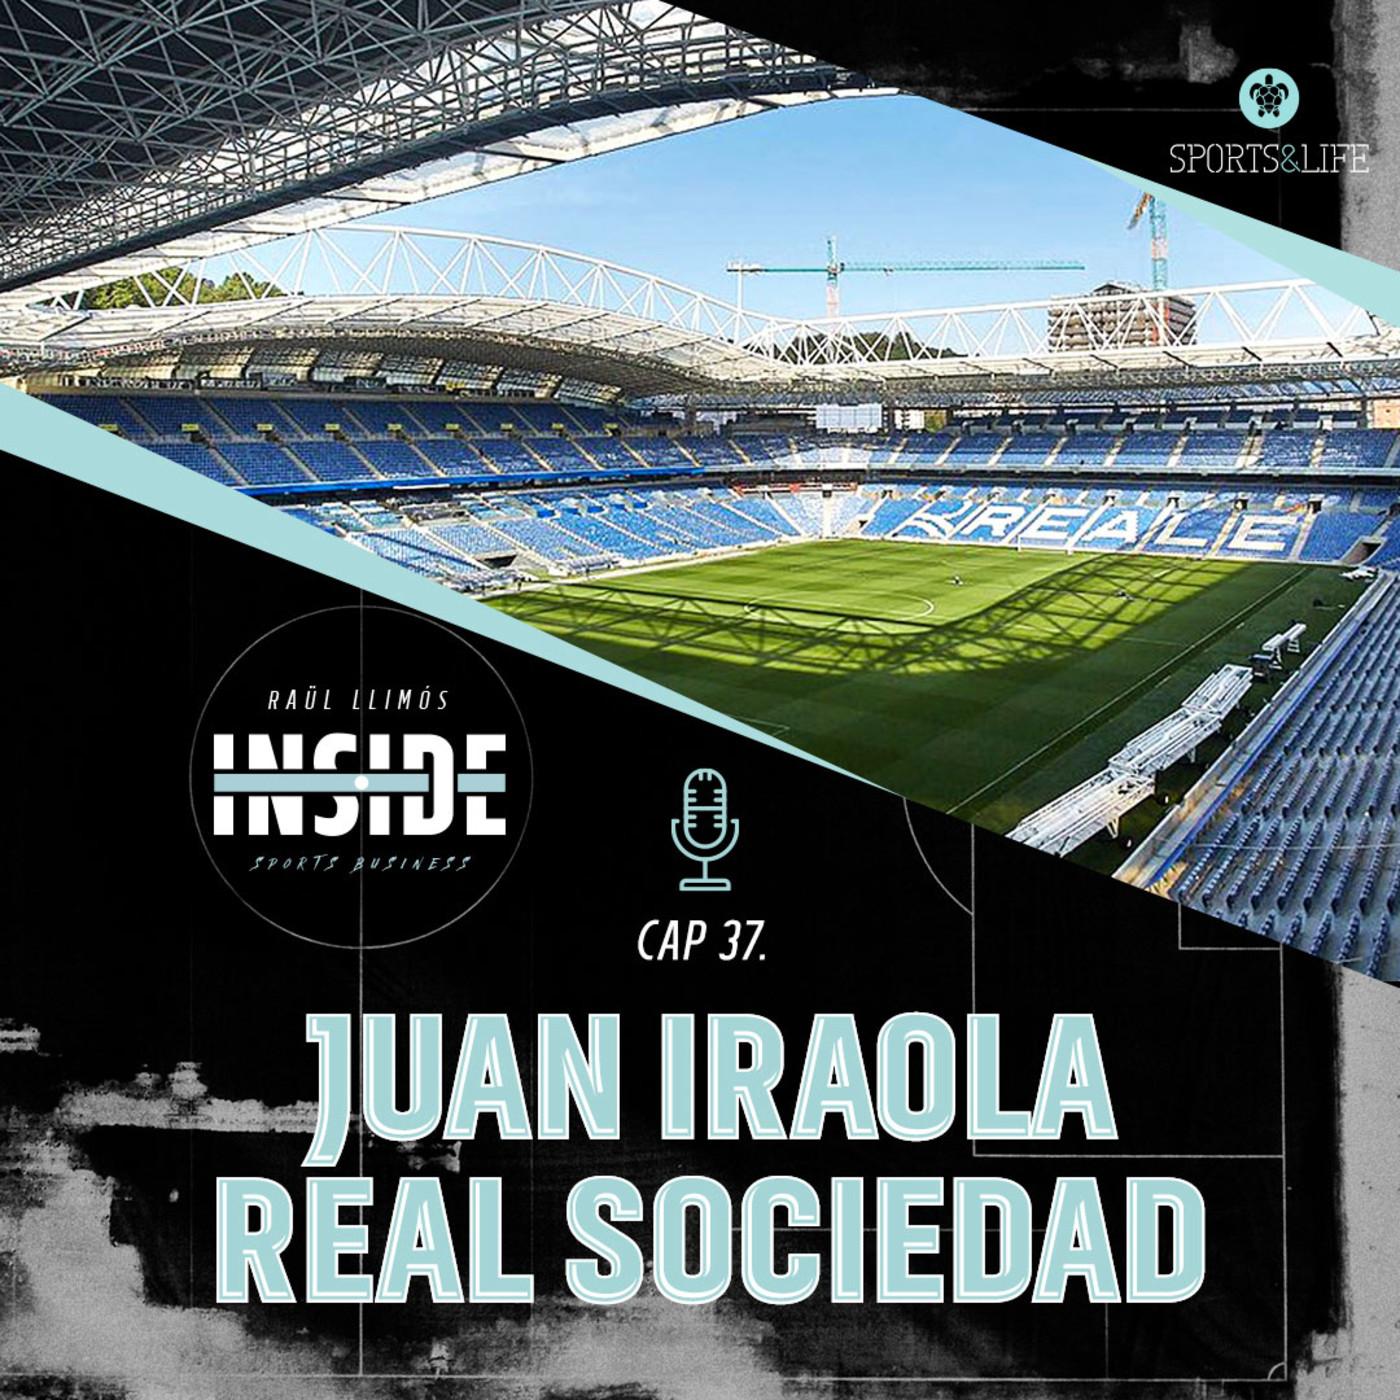 #37. Juan Iraola (Real Sociedad)